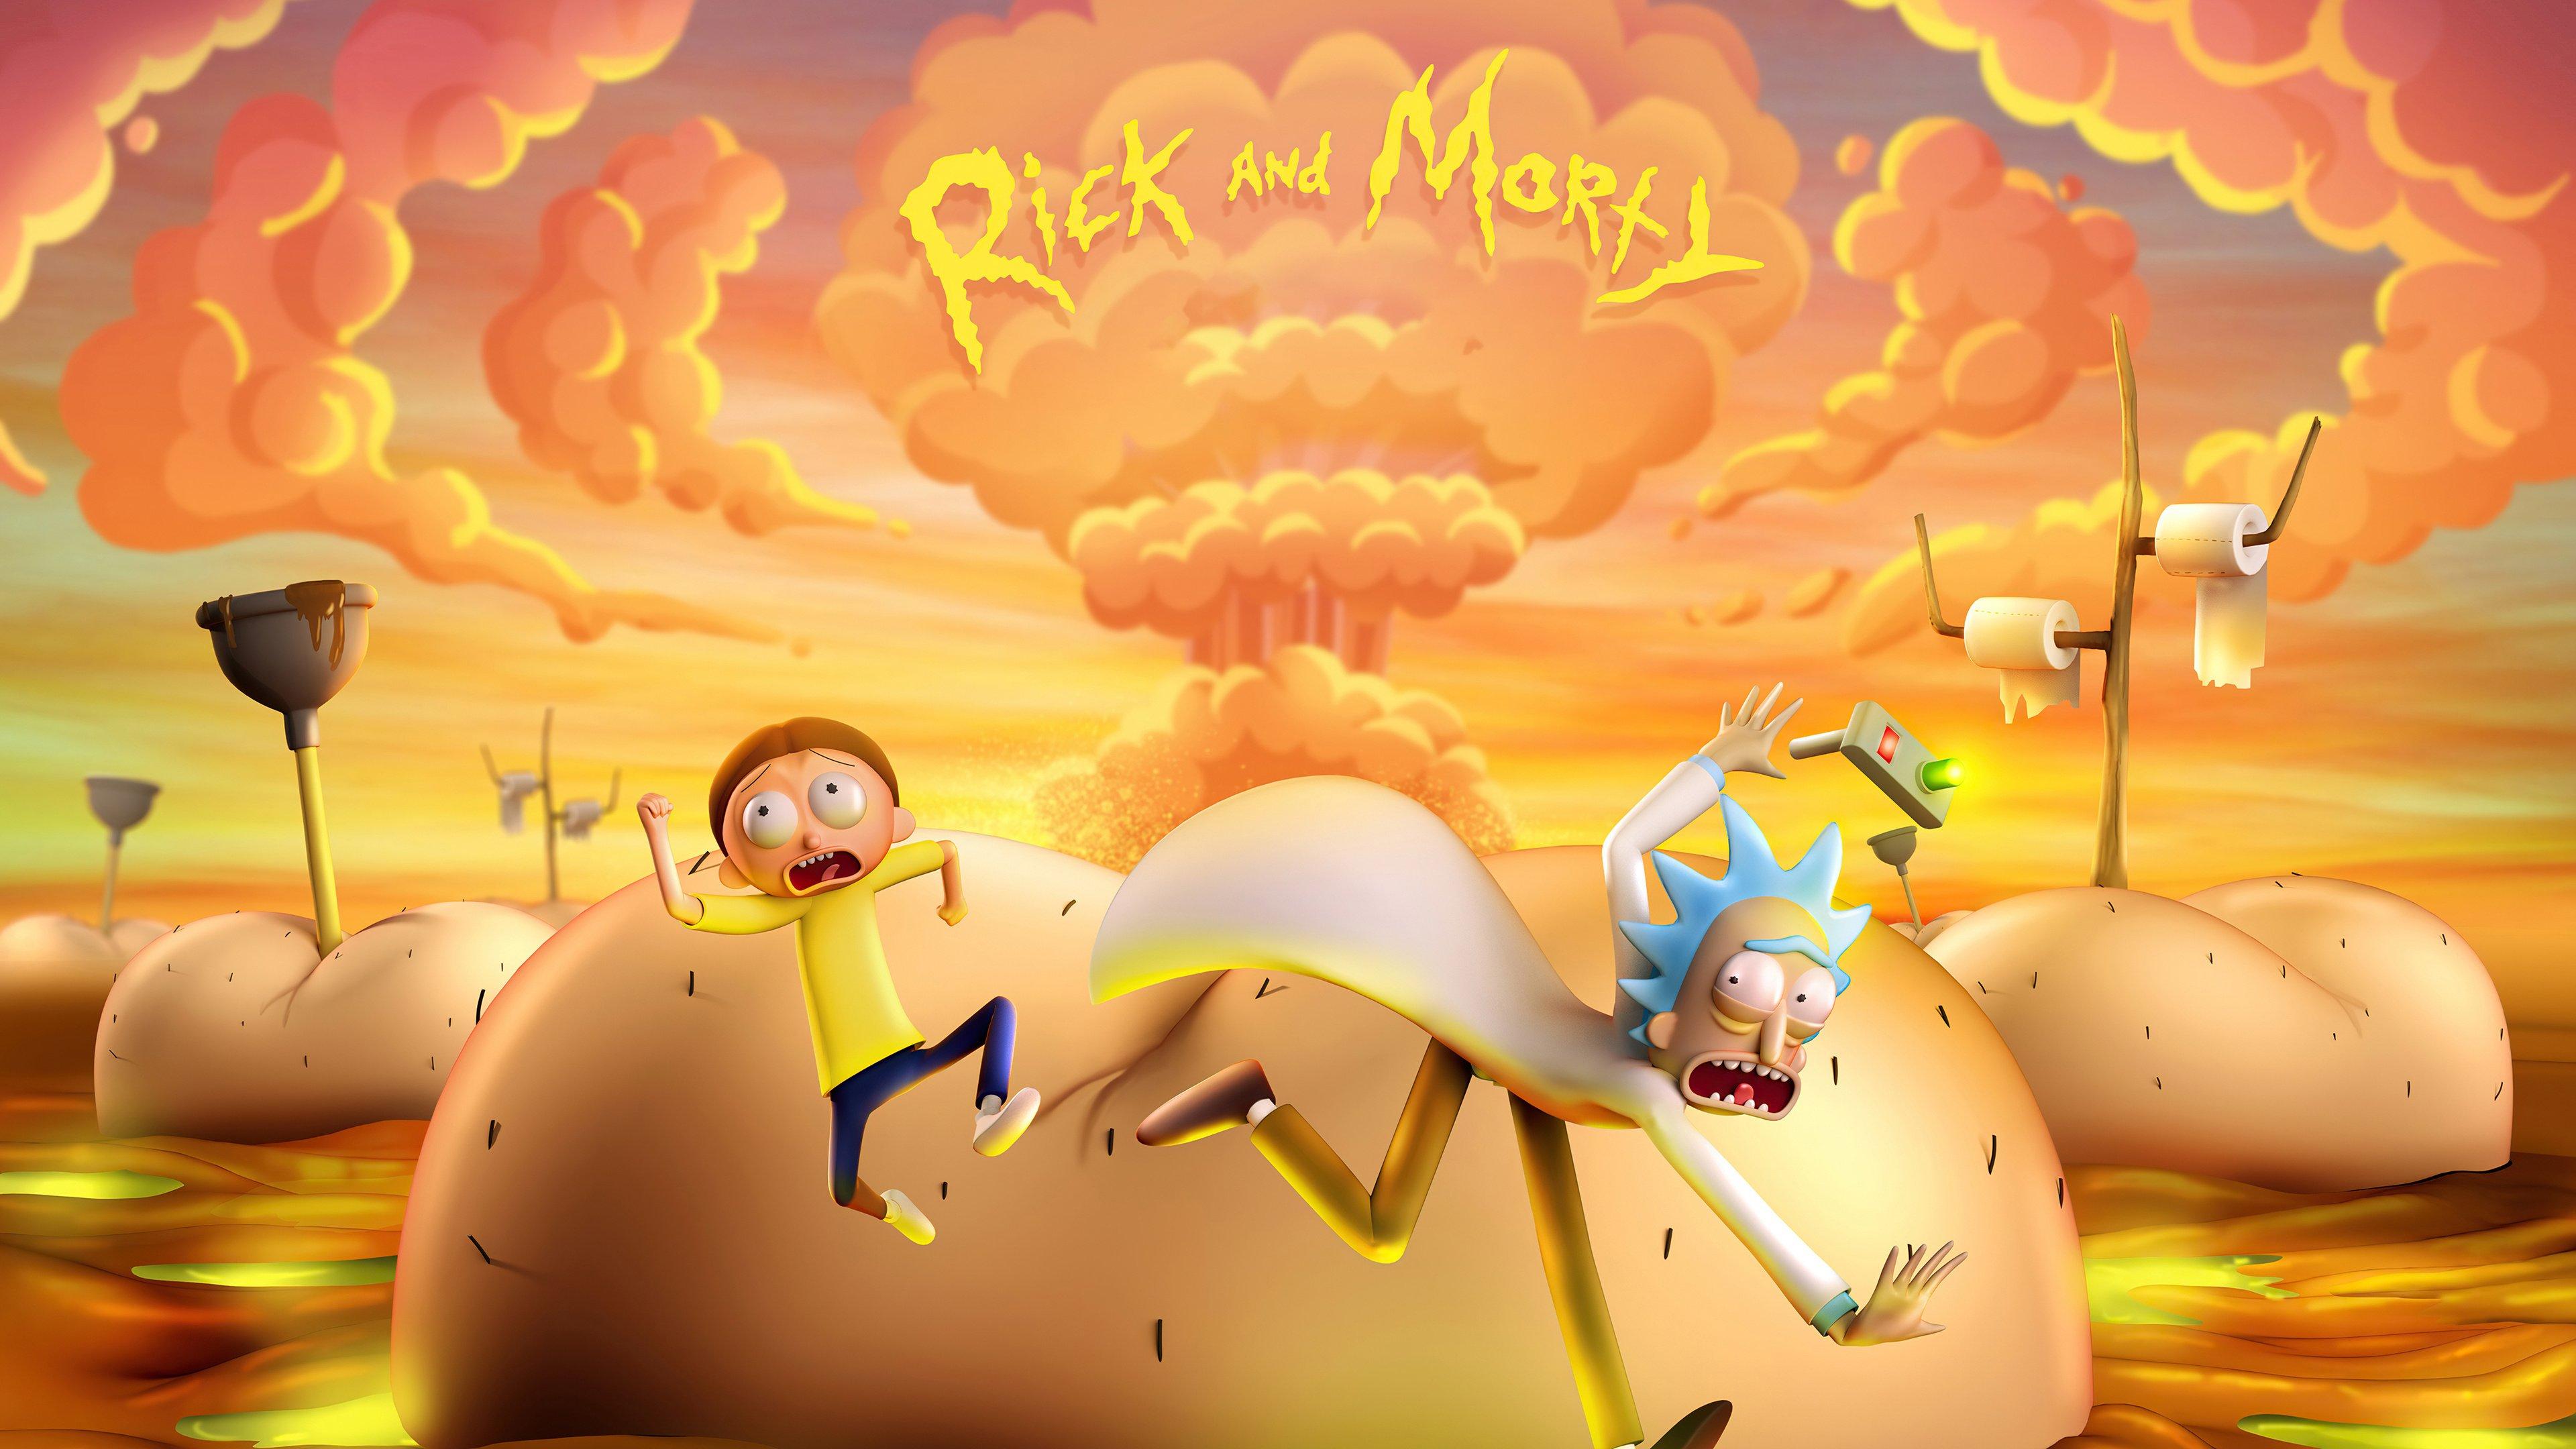 Fondos de pantalla Rick and Morty en 3D